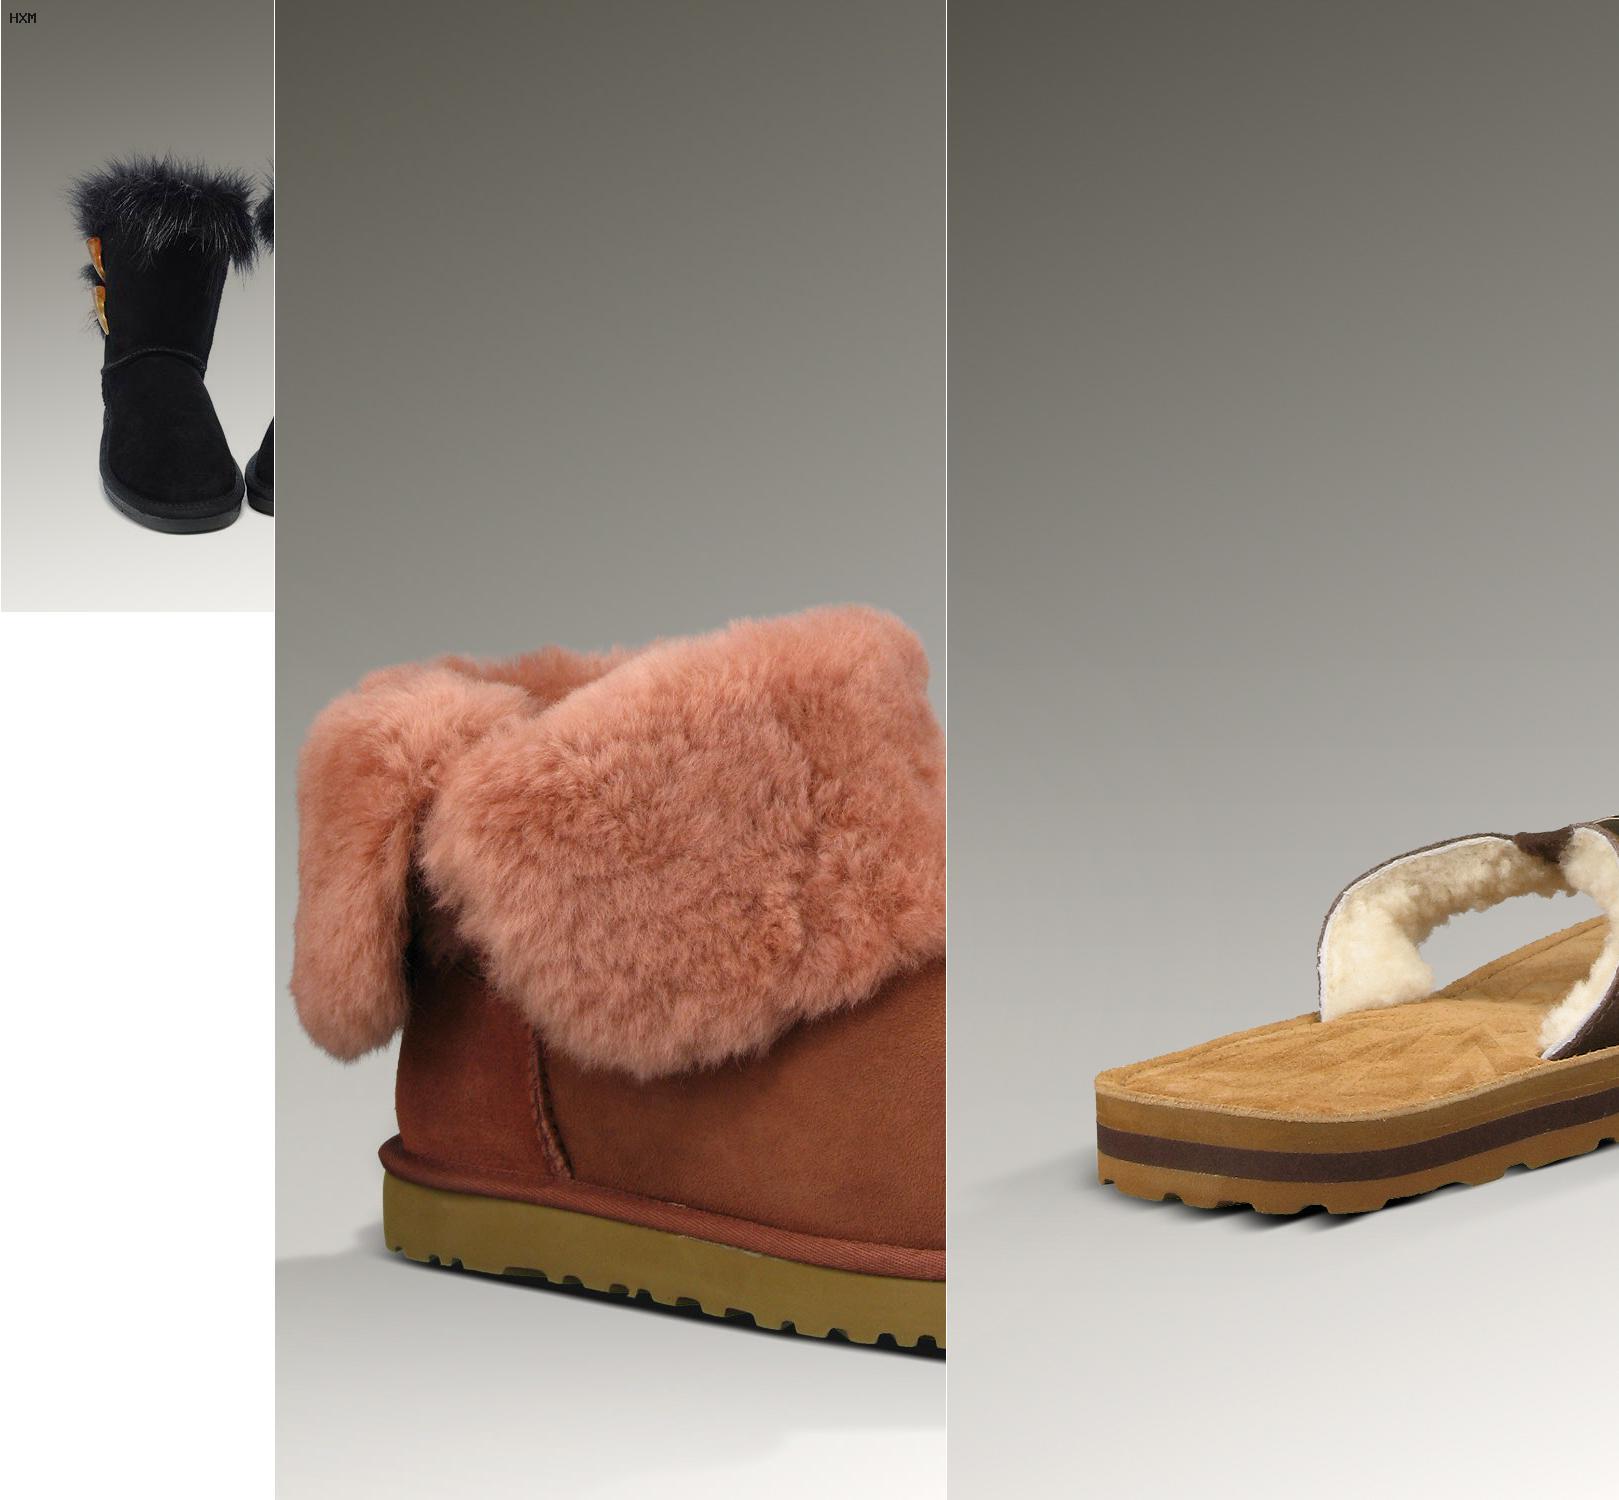 donde puedo comprar unas botas ugg en el df